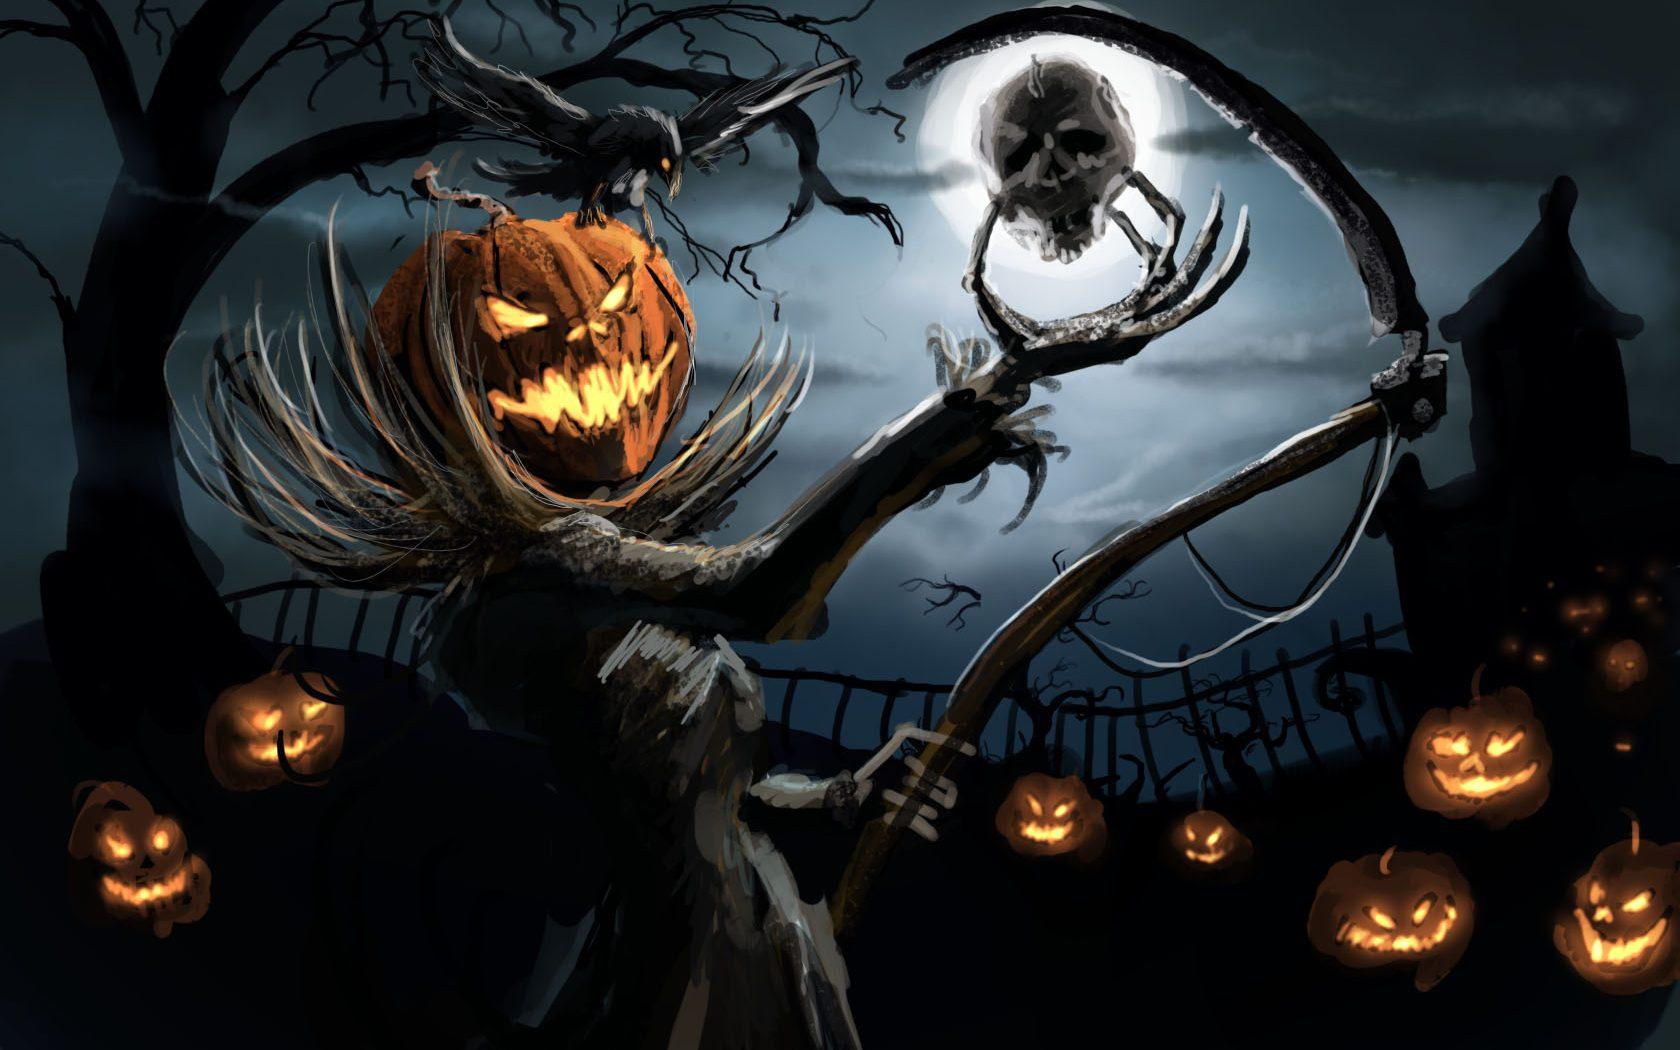 halloween desktop wallpaper free 33A | wpdopest